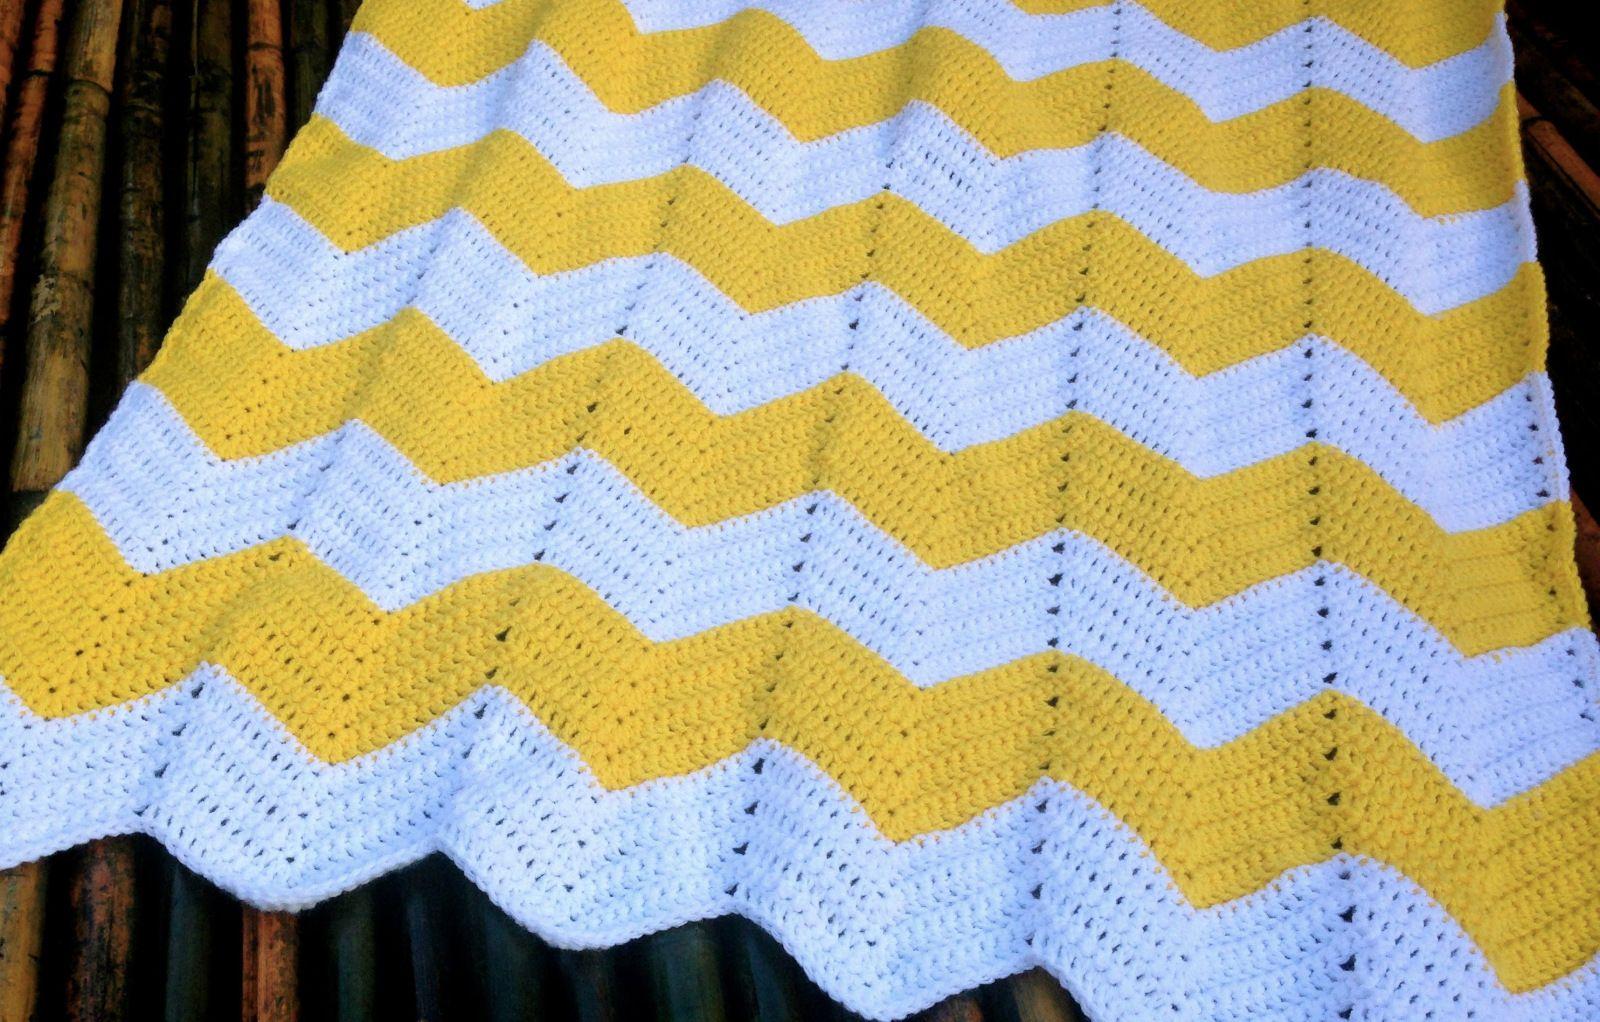 Dorable Los Patrones De Crochet Acolchados Toalla Motivo - Manta de ...